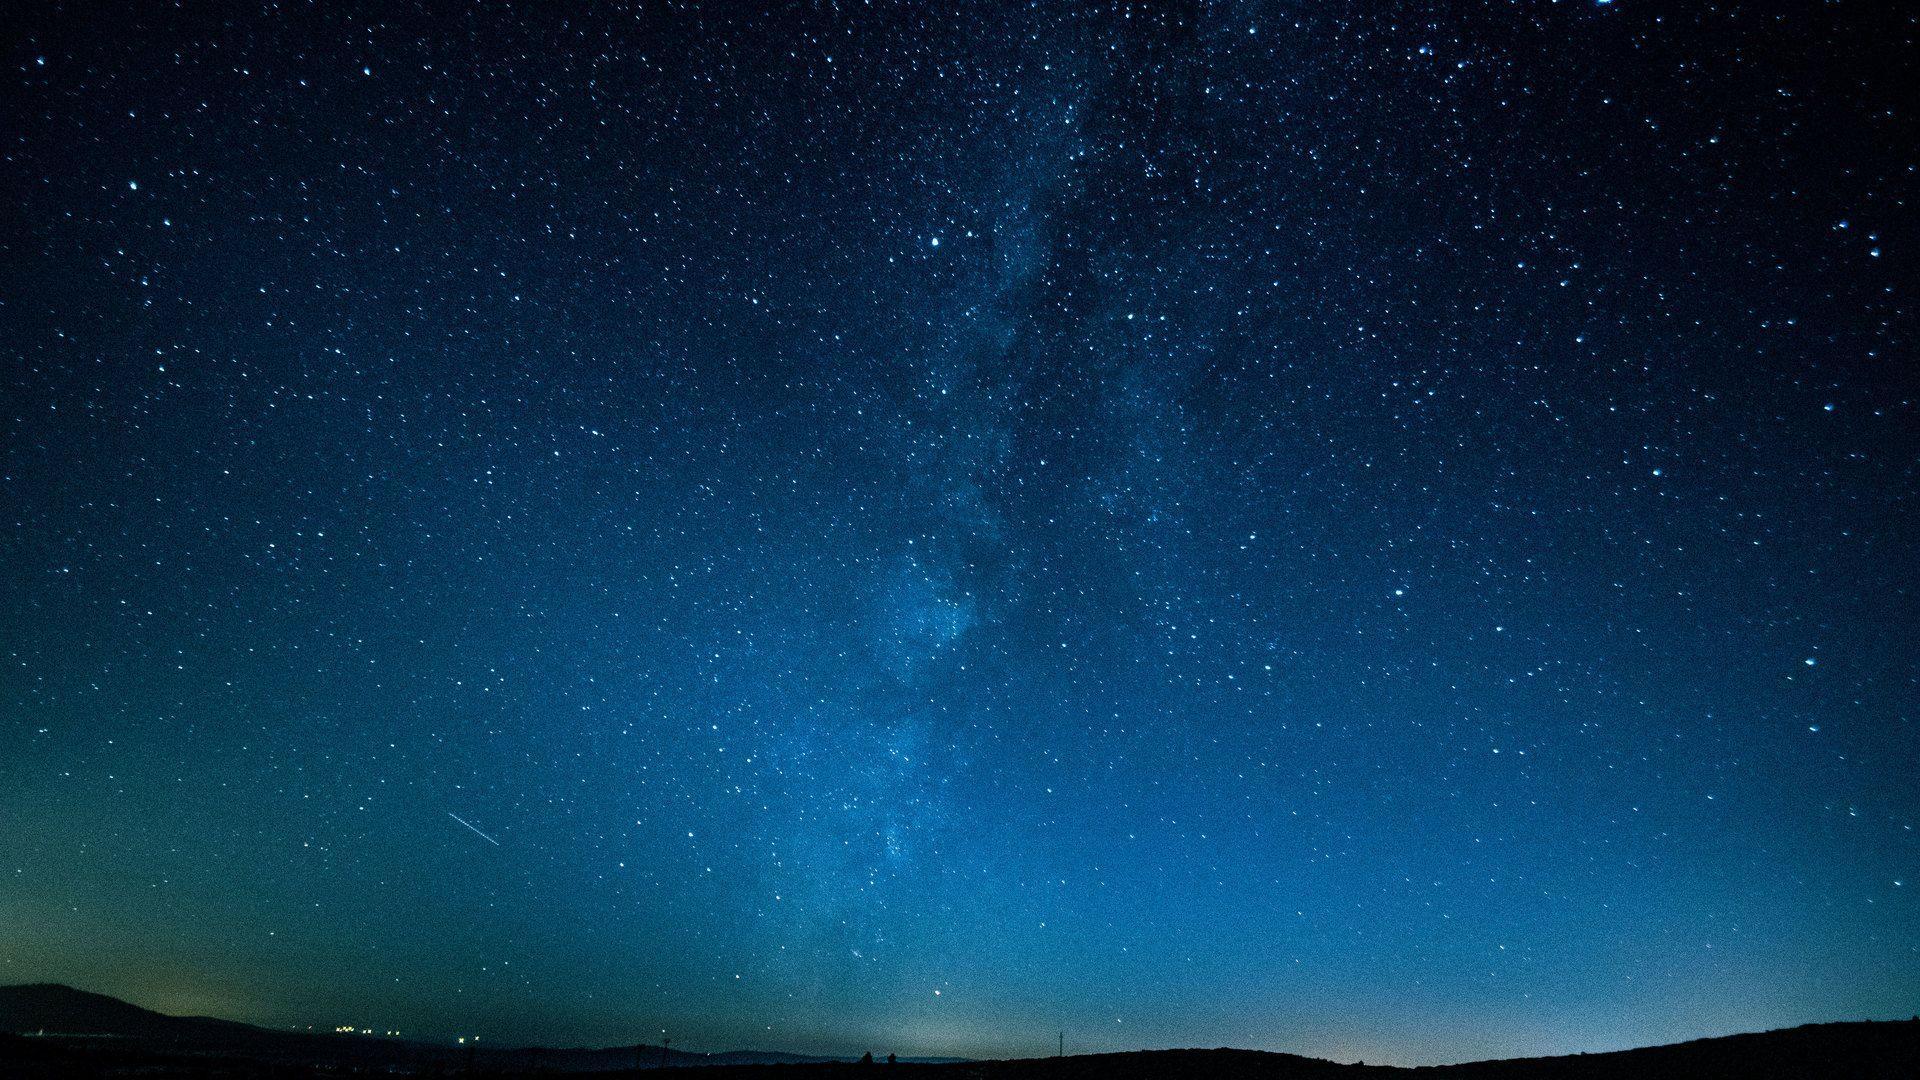 Night Sky 1920X1080 Wallpapers - Top ...